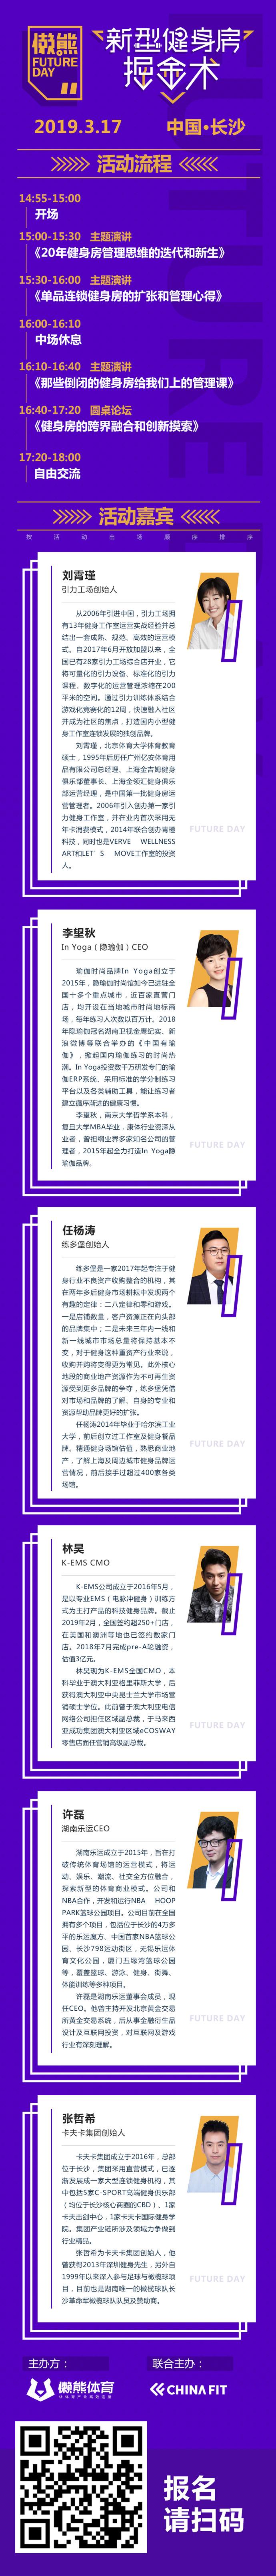 FutureDay「新型健身房掘金术」长沙站